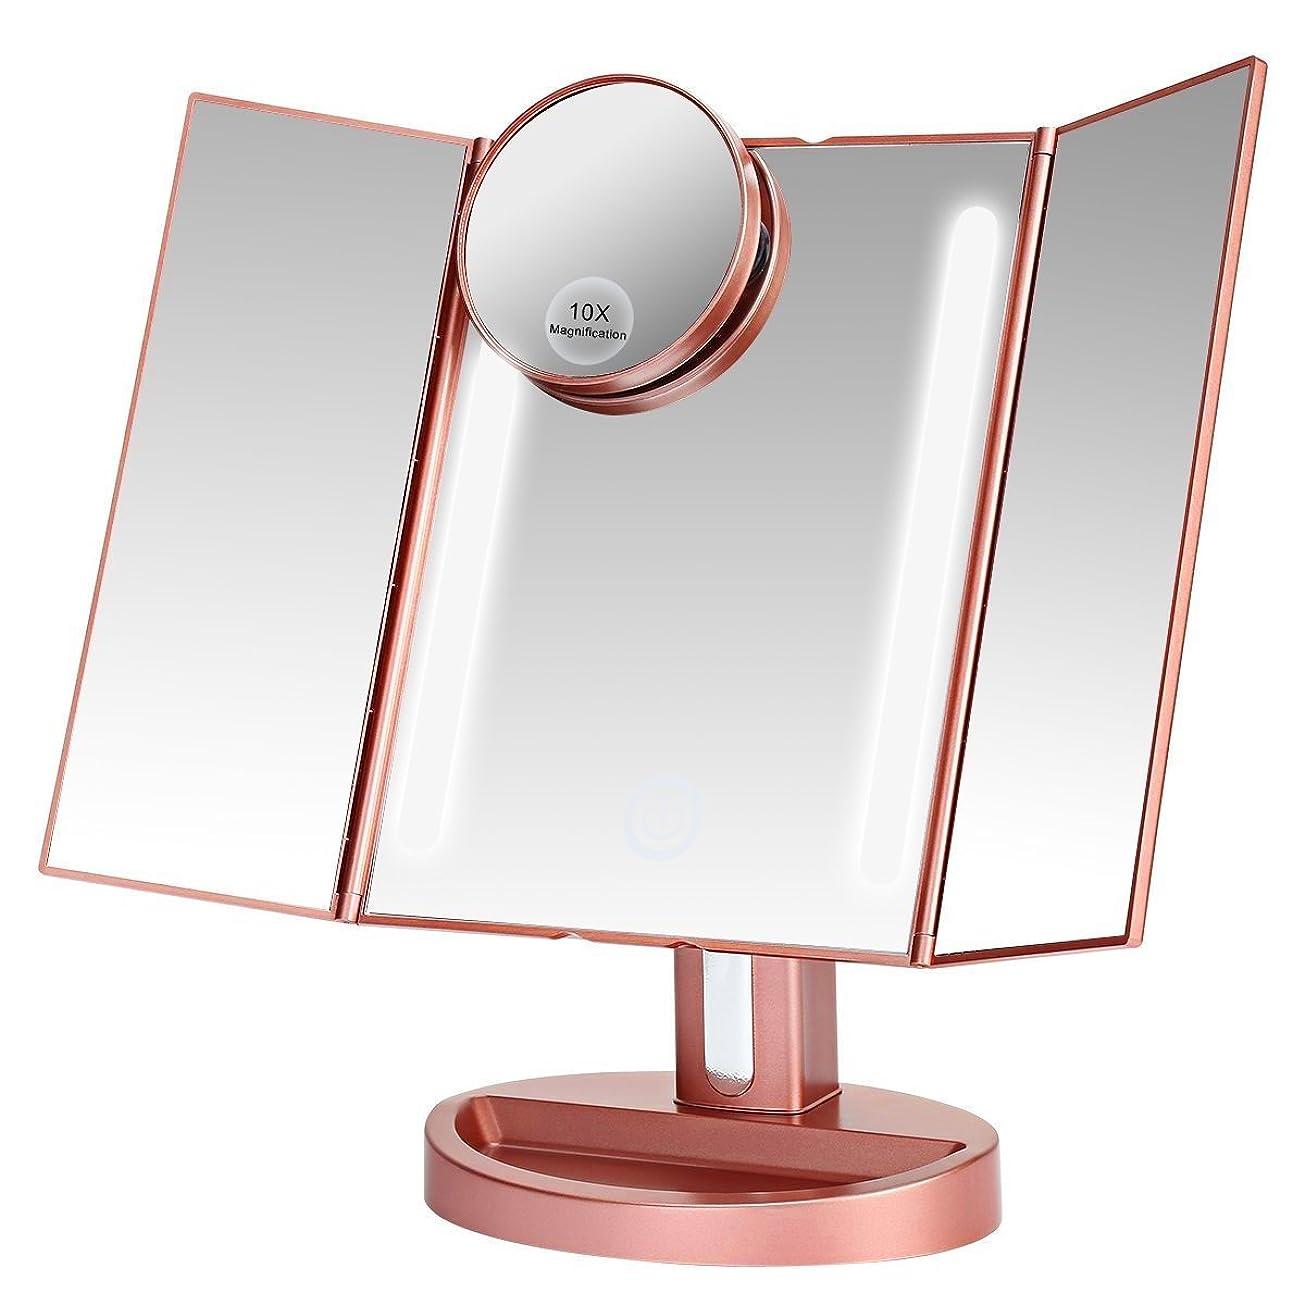 地上で五十シャワーLEEPWEI 化粧鏡  LED三面鏡 折りたたみ式 10倍拡大鏡付き 明るさ調節 180度回転